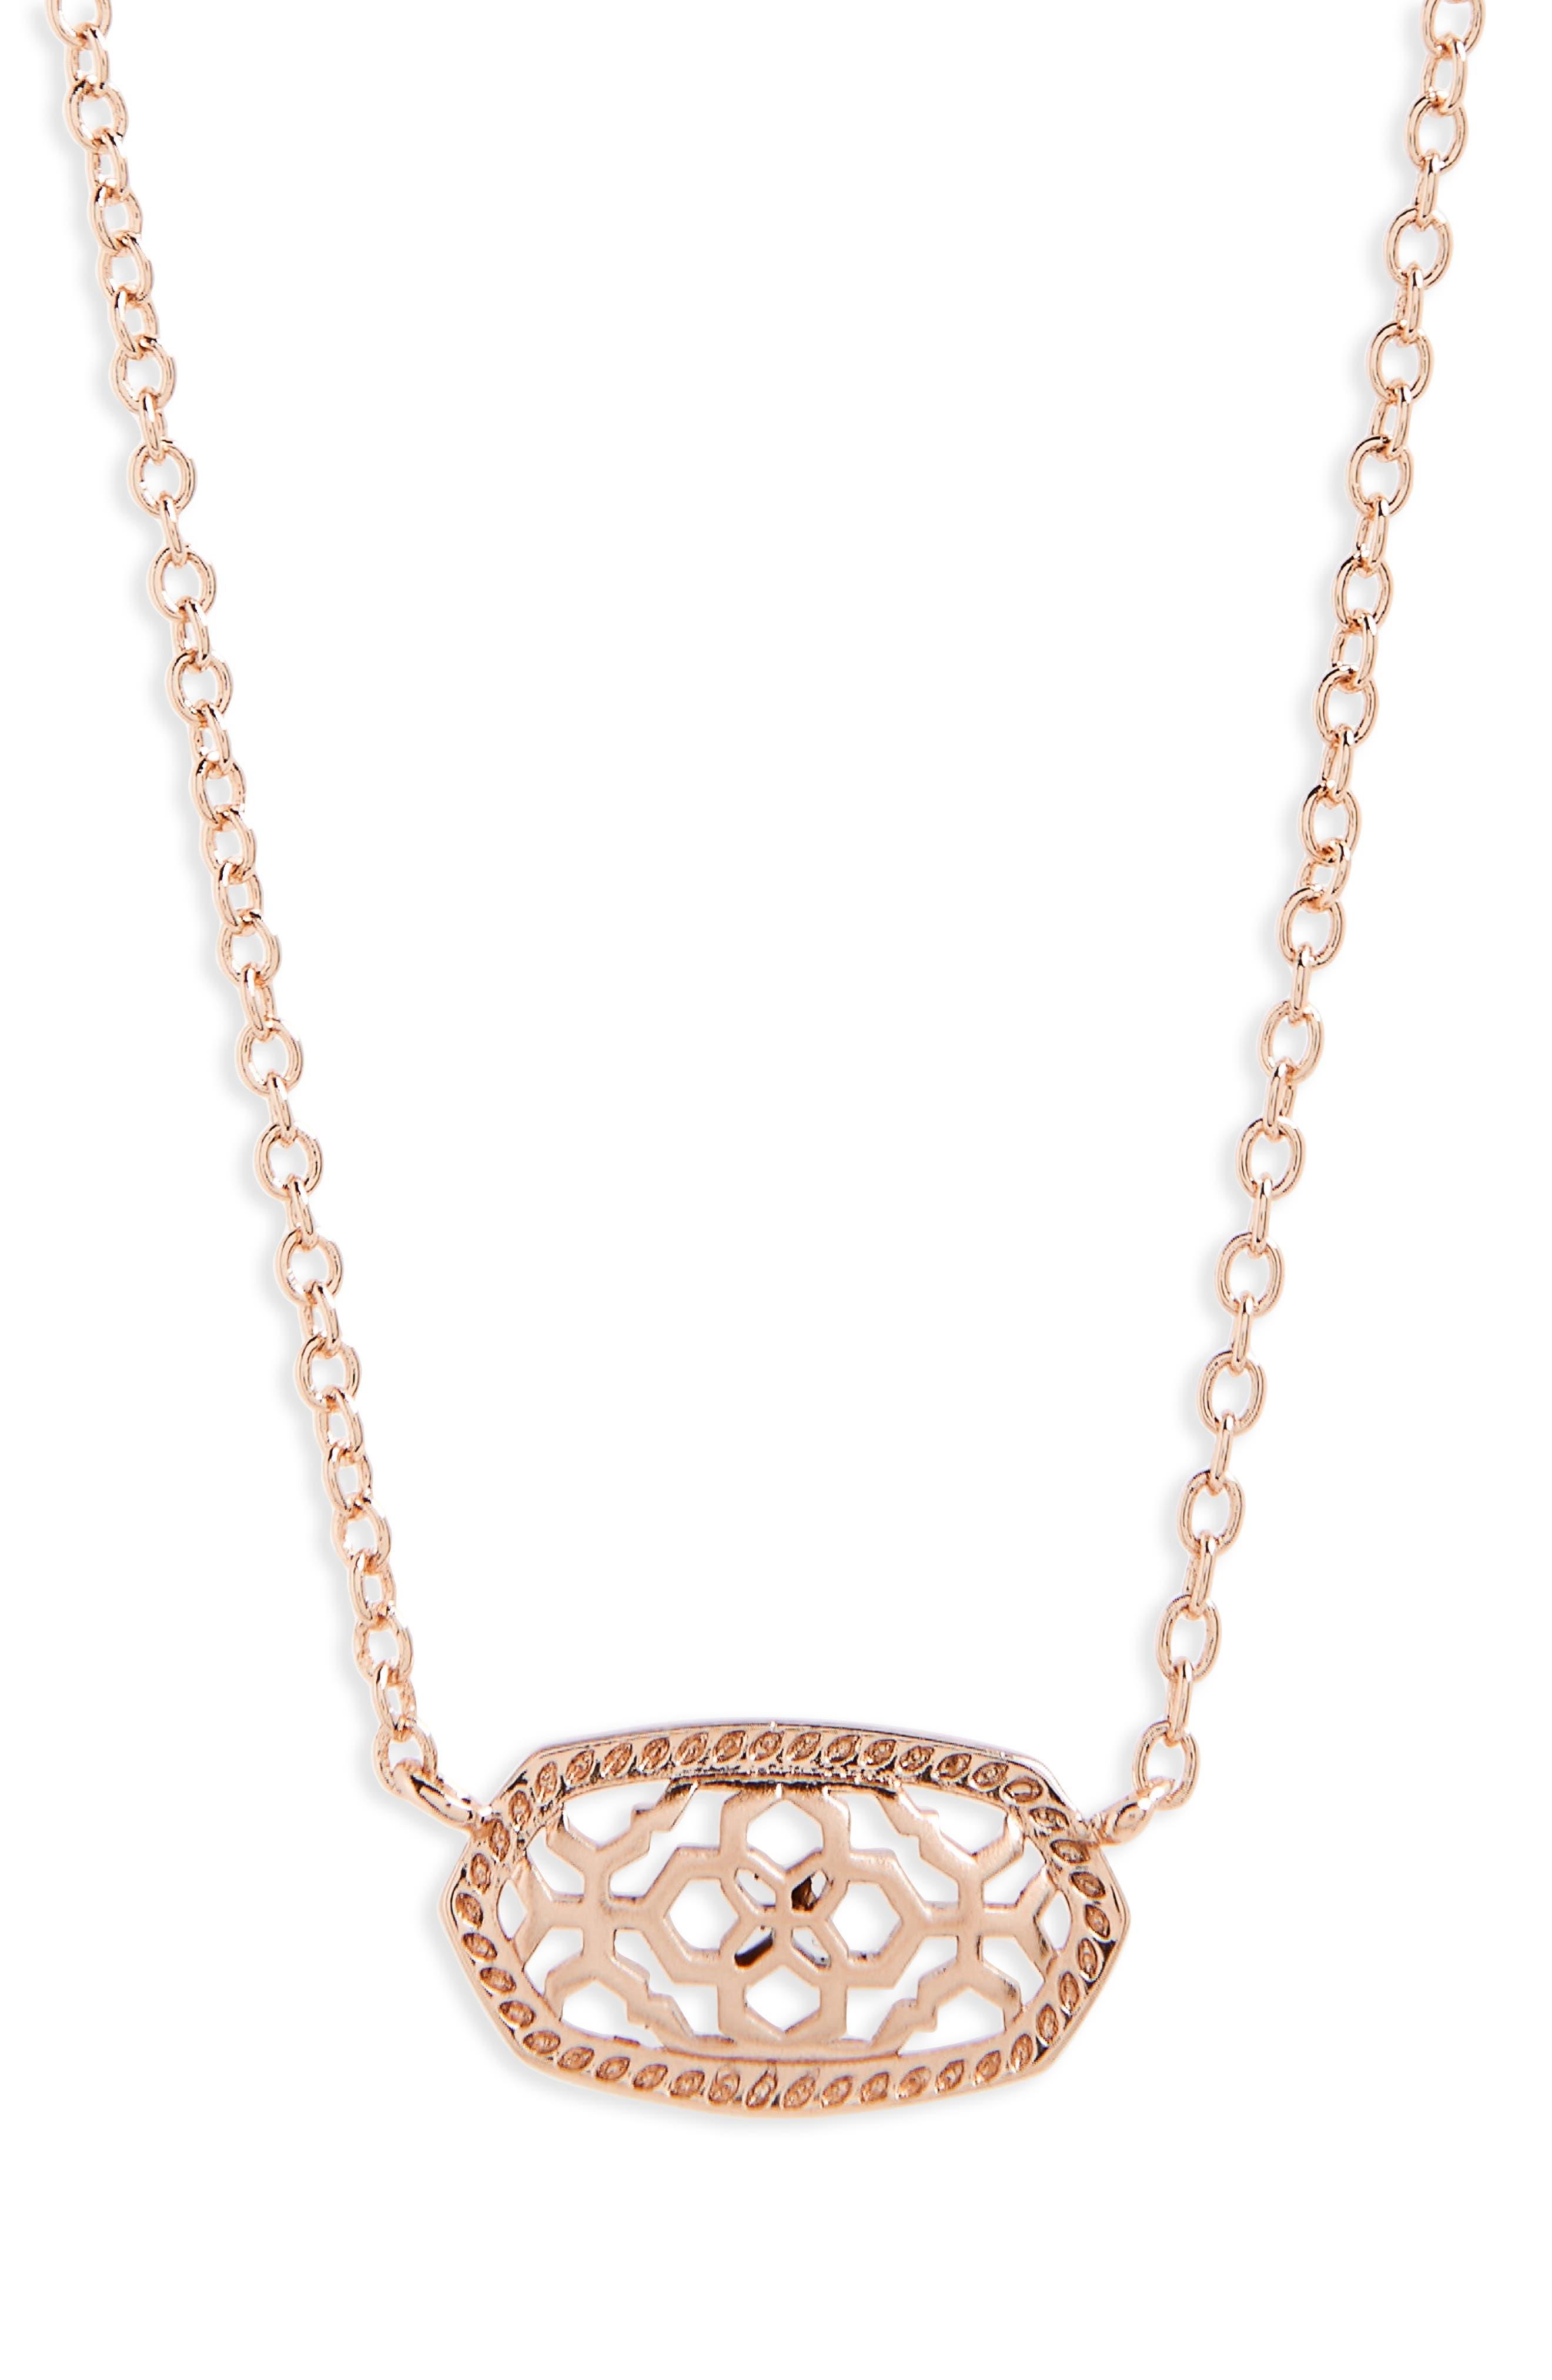 KENDRA SCOTT, Elisa Filigree Pendant Necklace, Main thumbnail 1, color, ROSE GOLD FILIGREE